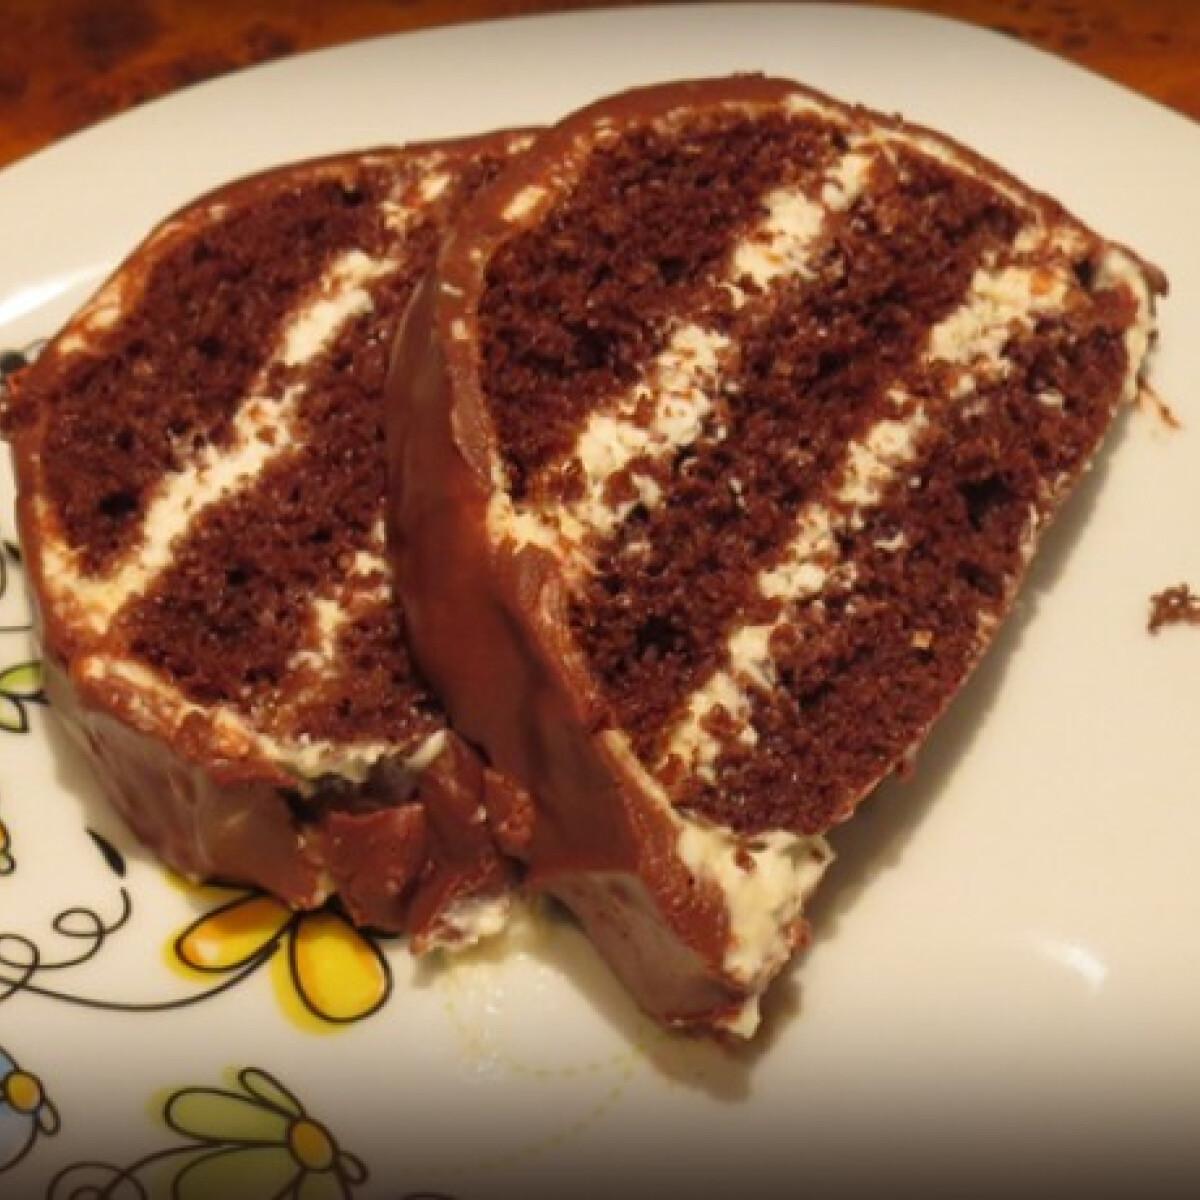 Ezen a képen: Túró rudi őzgerincben cam konyhájából